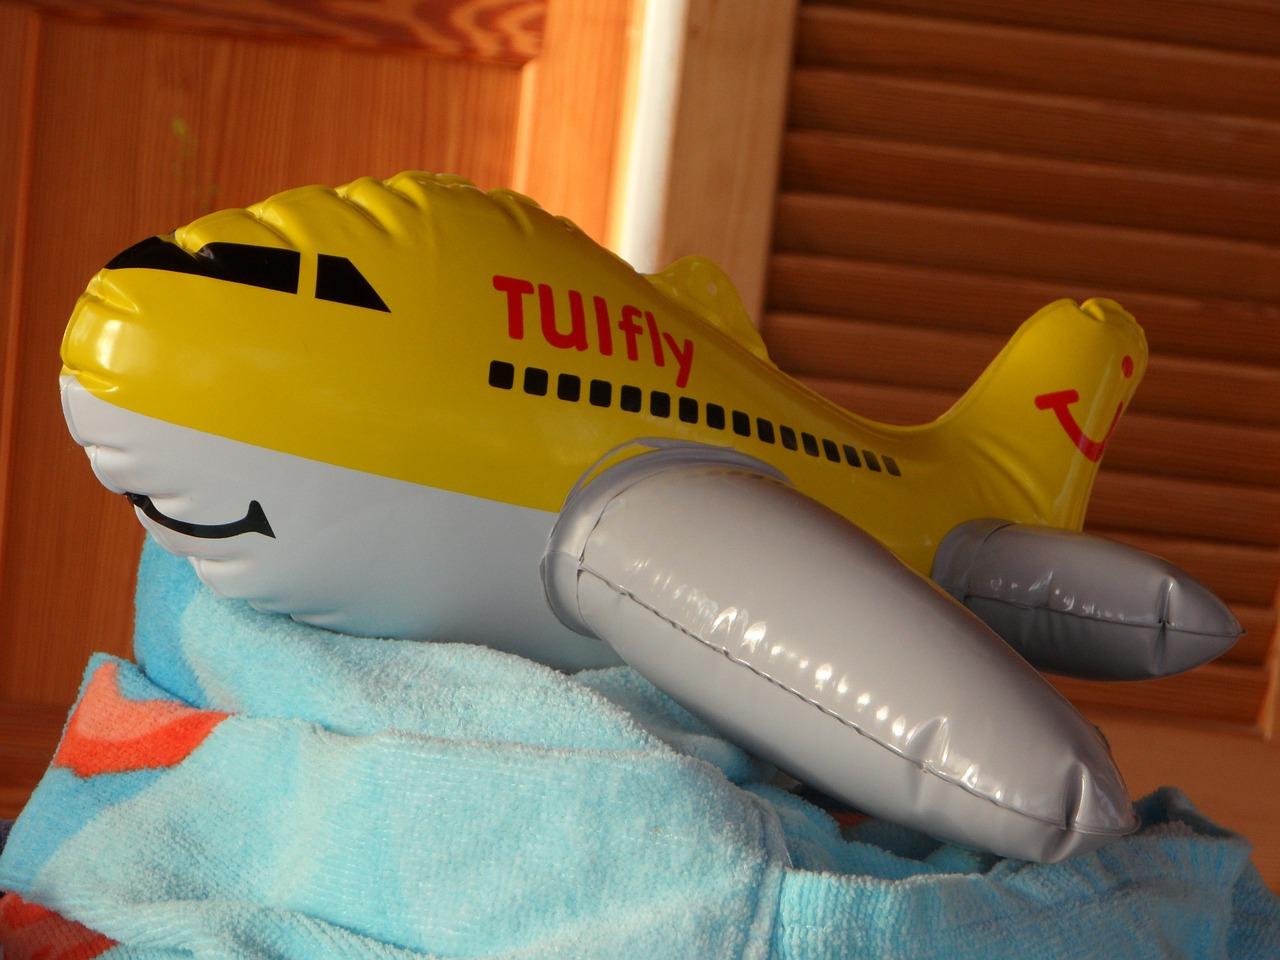 """""""Flugzeug fliegen!"""" – Es geht auf Reisen mit den Kids? Hier kommen 5 wertvolle Tipps"""